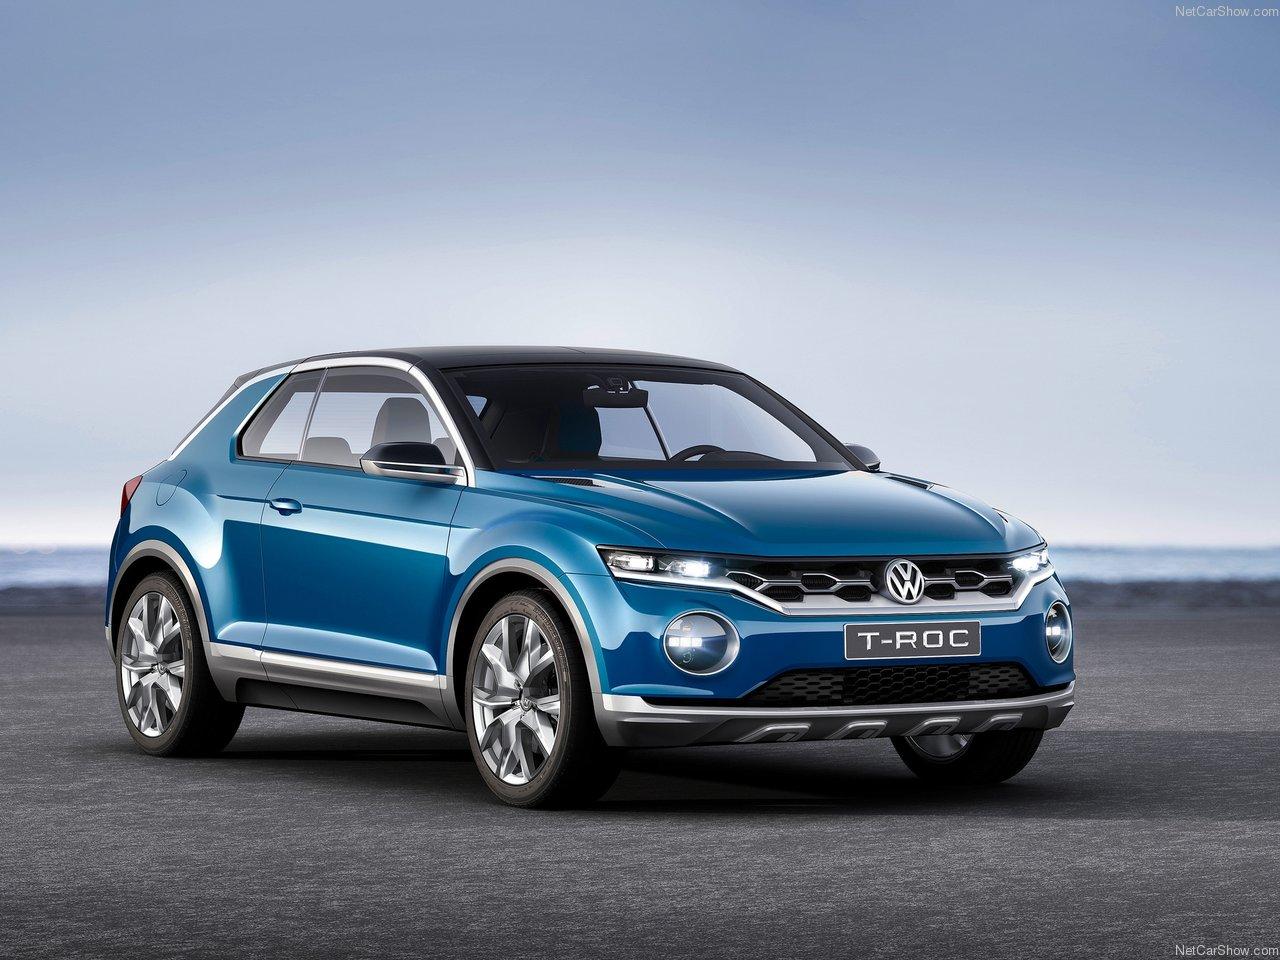 Volkswagen-T-Roc_Concept_2014_1280x960_wallpaper_04.jpg